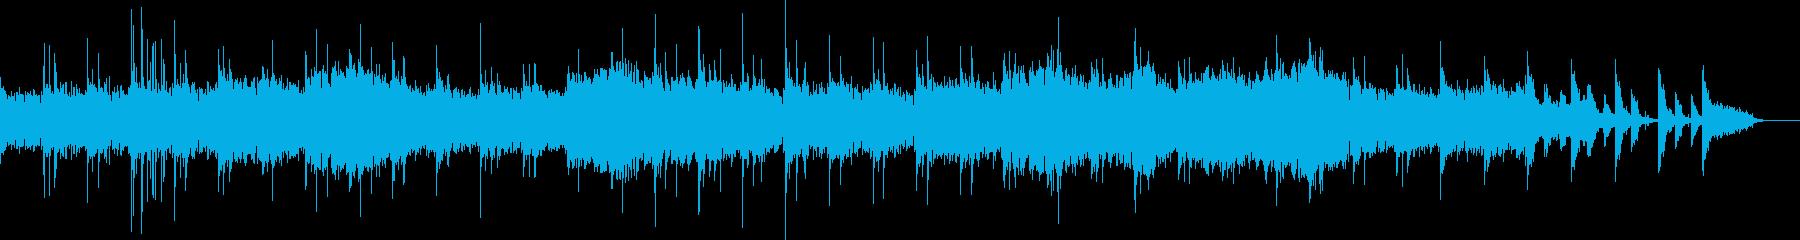 マリンバと歌手・細胞増殖シーンなど実験系の再生済みの波形